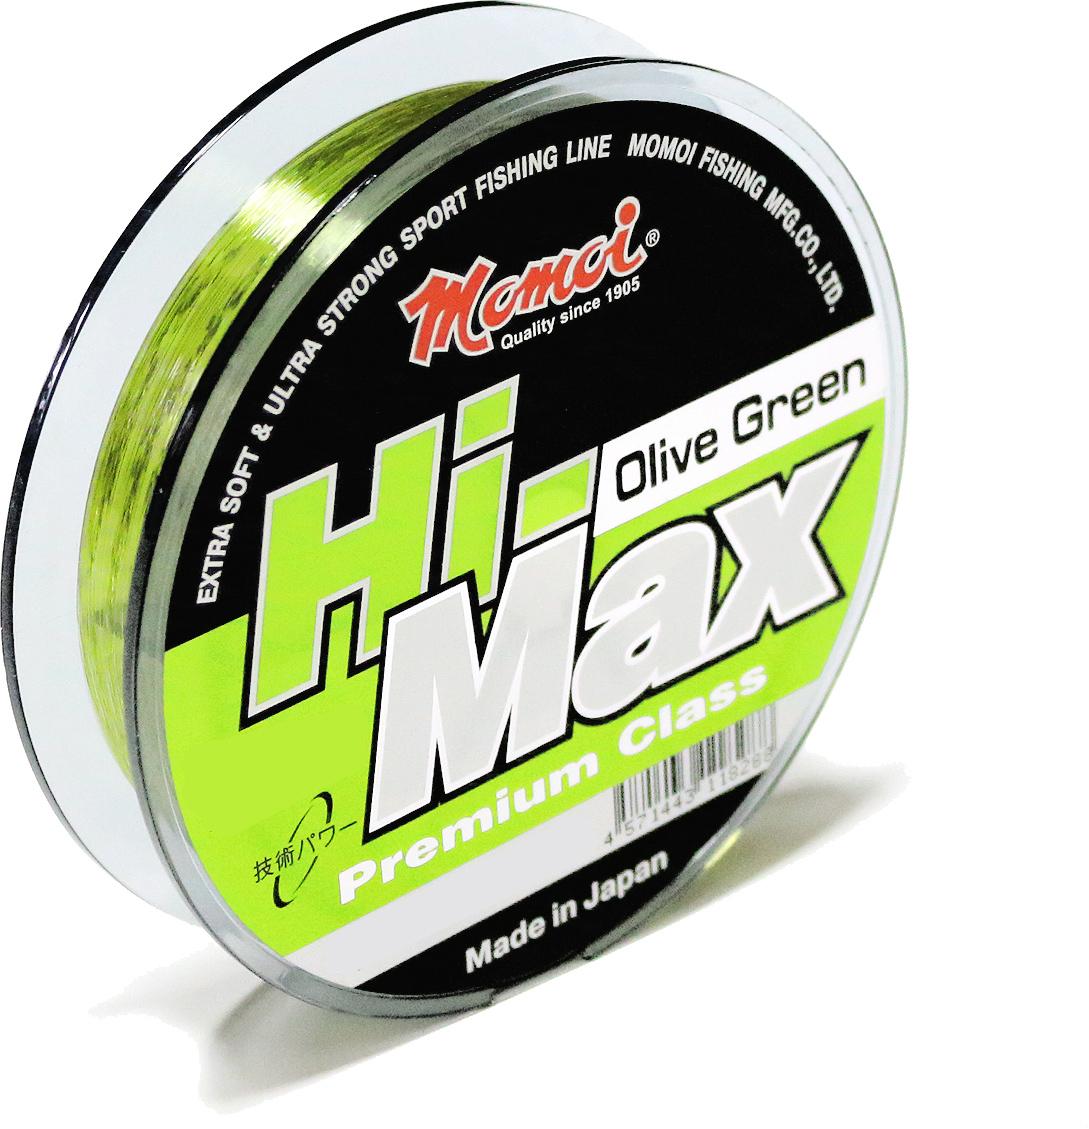 Леска Momoi Fishing Hi-Max Olive Green, 0,25 мм, 6,5 кг, 100 м4503Всесезонная рыболовная леска. Относится к типу спортивных лесок.Благодаря антистатическому скользкому покрытию идеально подходит как для спининга, так и для всех видов поплавочных удилищ с кольцами. Является одной из самых востребованных сополимерных лесок из-за отсутствия эффекта памяти и высокой узловой прочности.